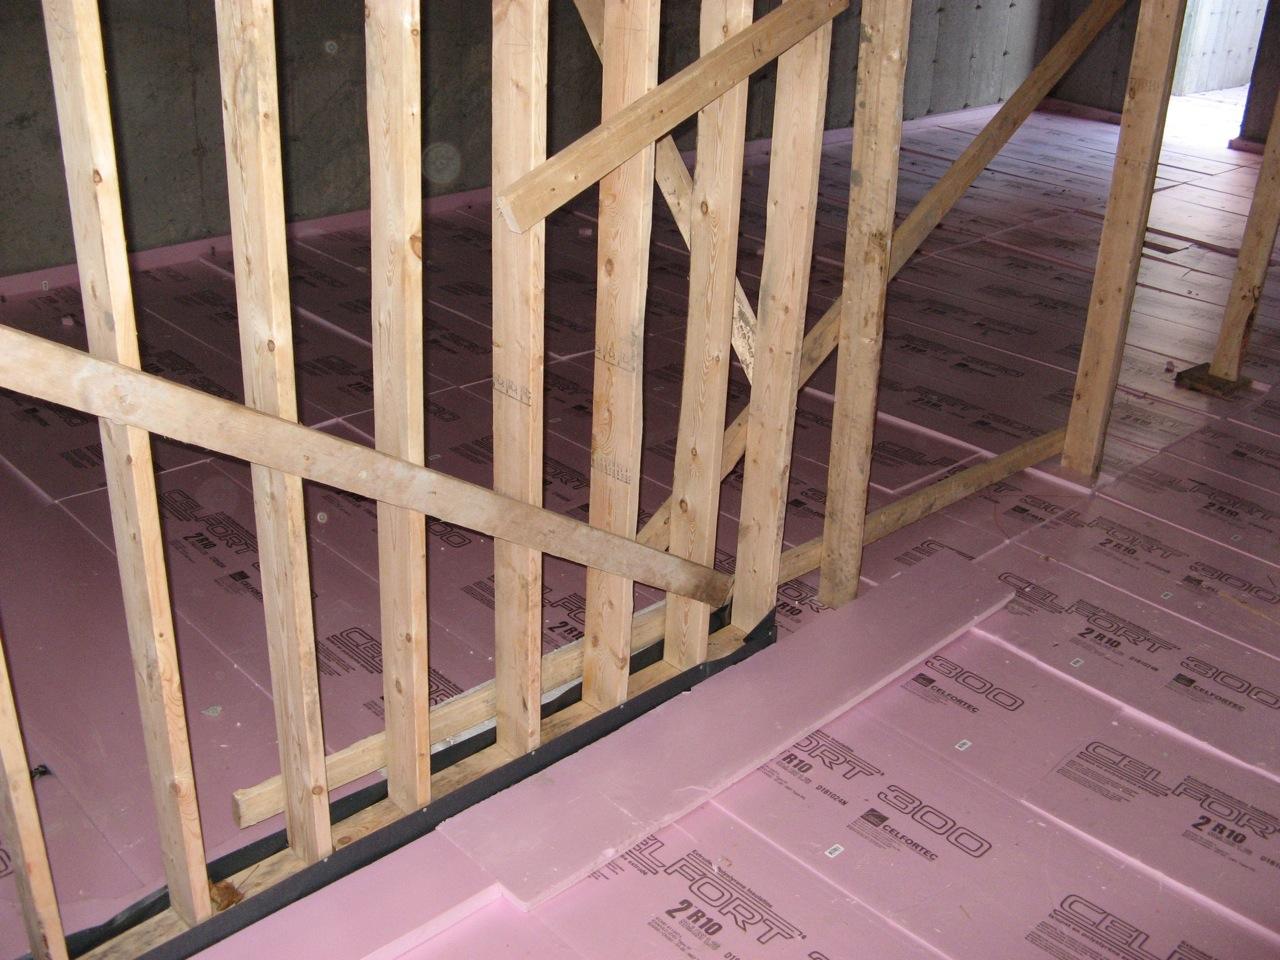 Un sous sol chaud chaud chaud sant et science l actualit - Plancher beton sous sol ...